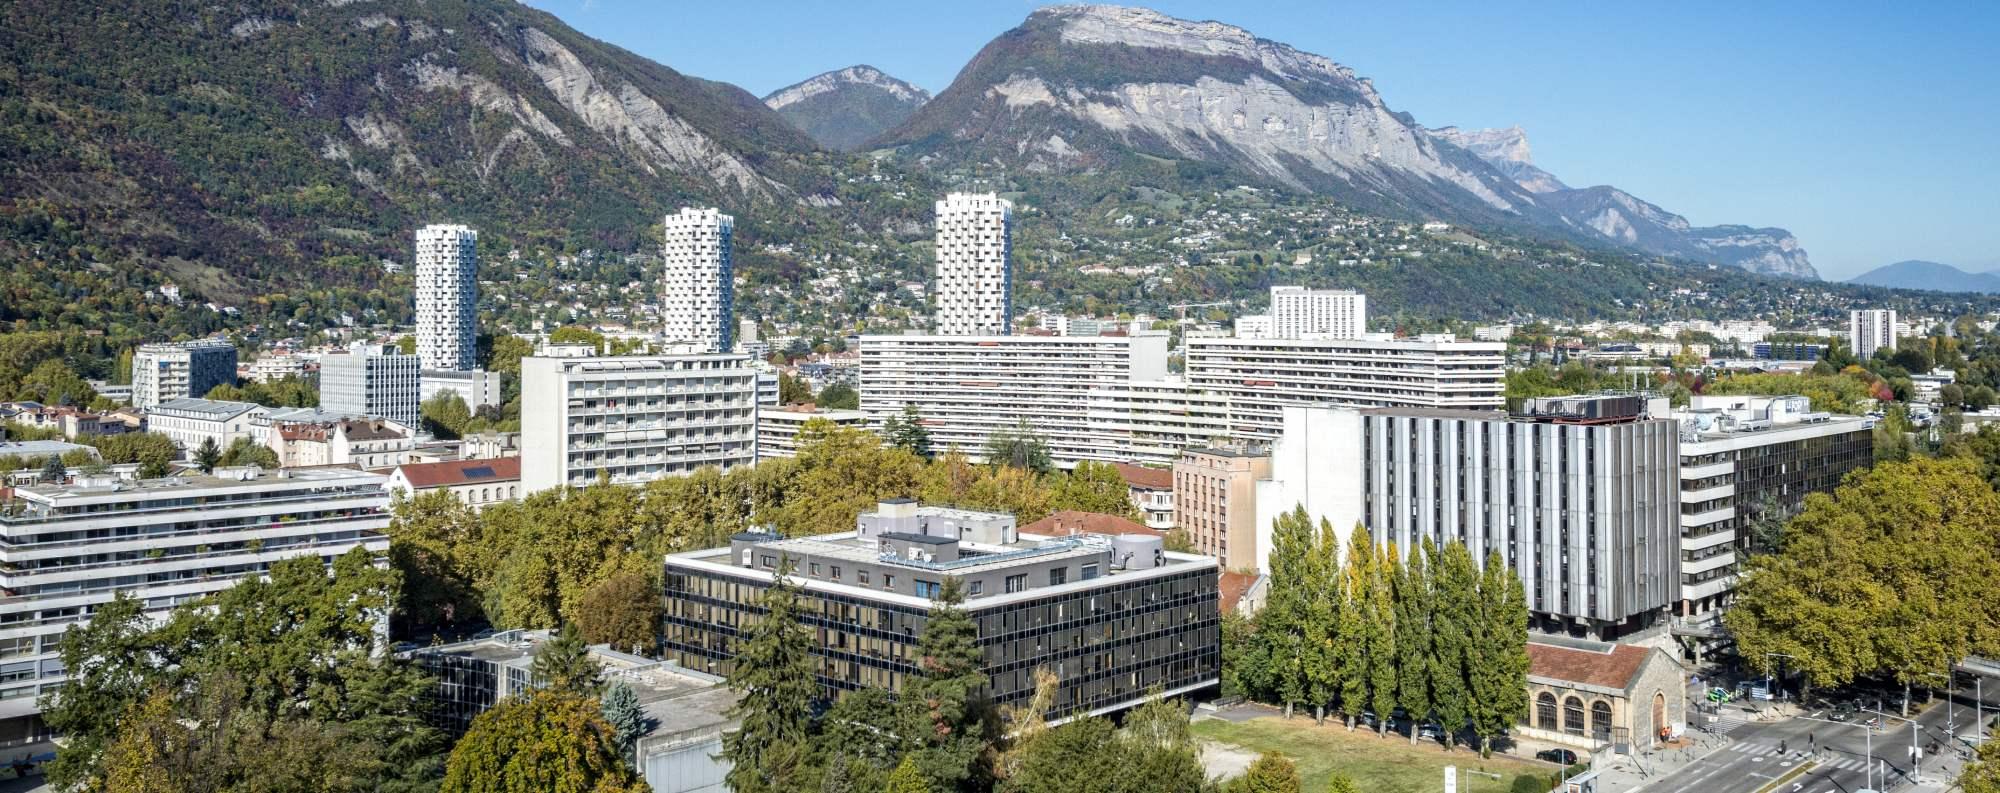 Vue sur l'Île Verte et la Chartreuse à Grenoble